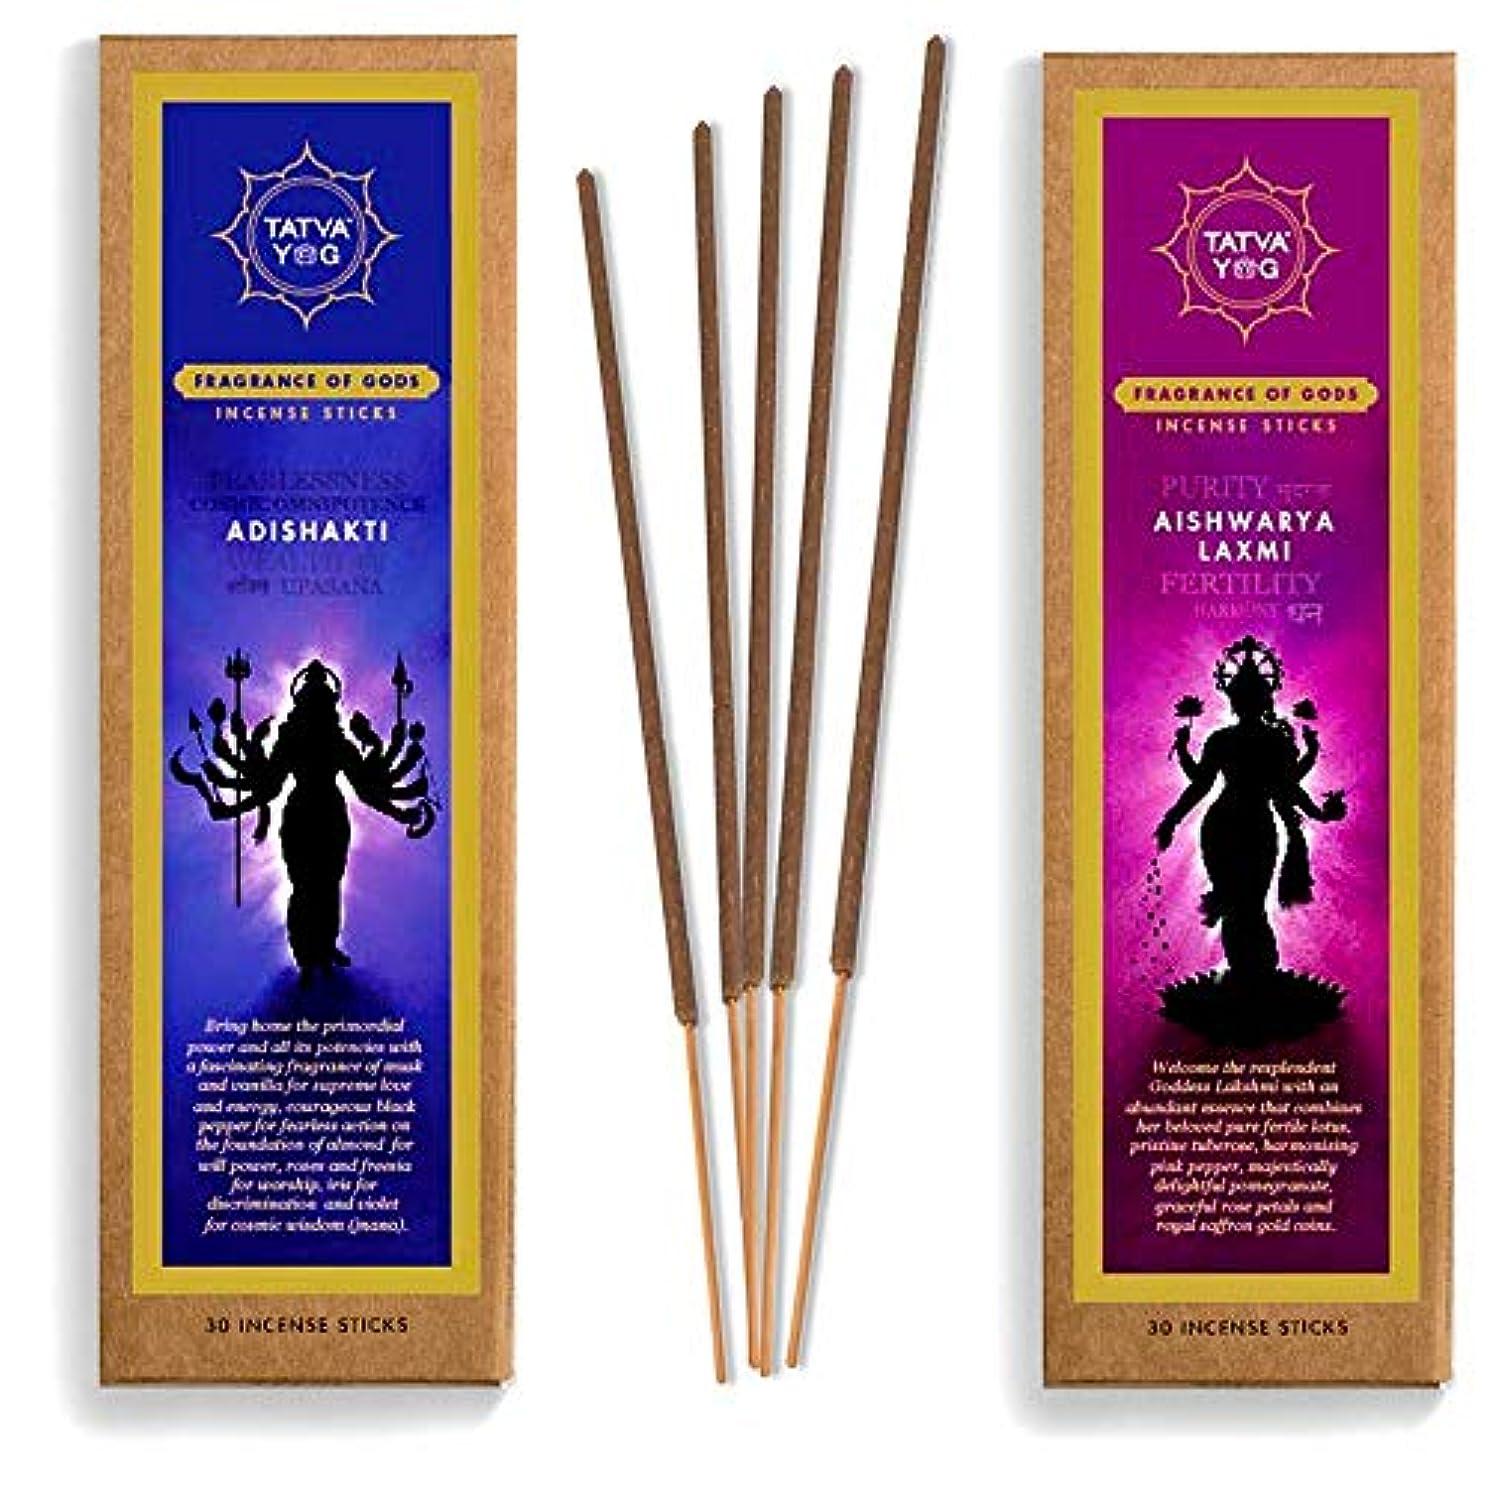 コンプリートちらつき出演者Tatva YOG Adishakti and Aishwarya Lakshmi Handcrafted Natural Masala Incense Sticks for Daily Pooja|Festive|Office...